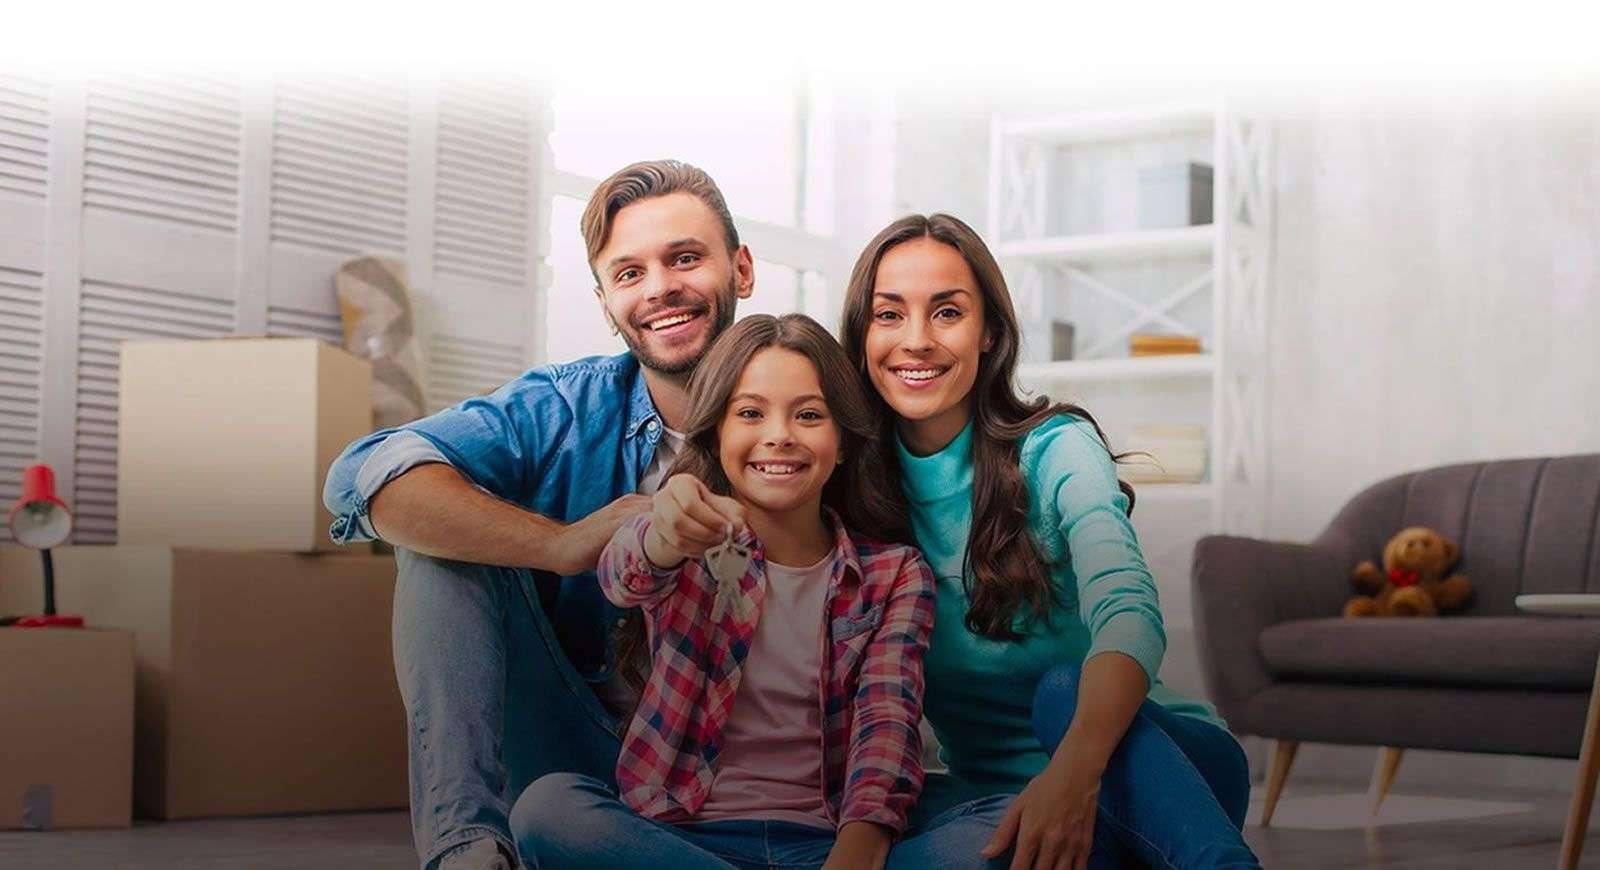 Comprar Casa en Colombia desde España, slider 5